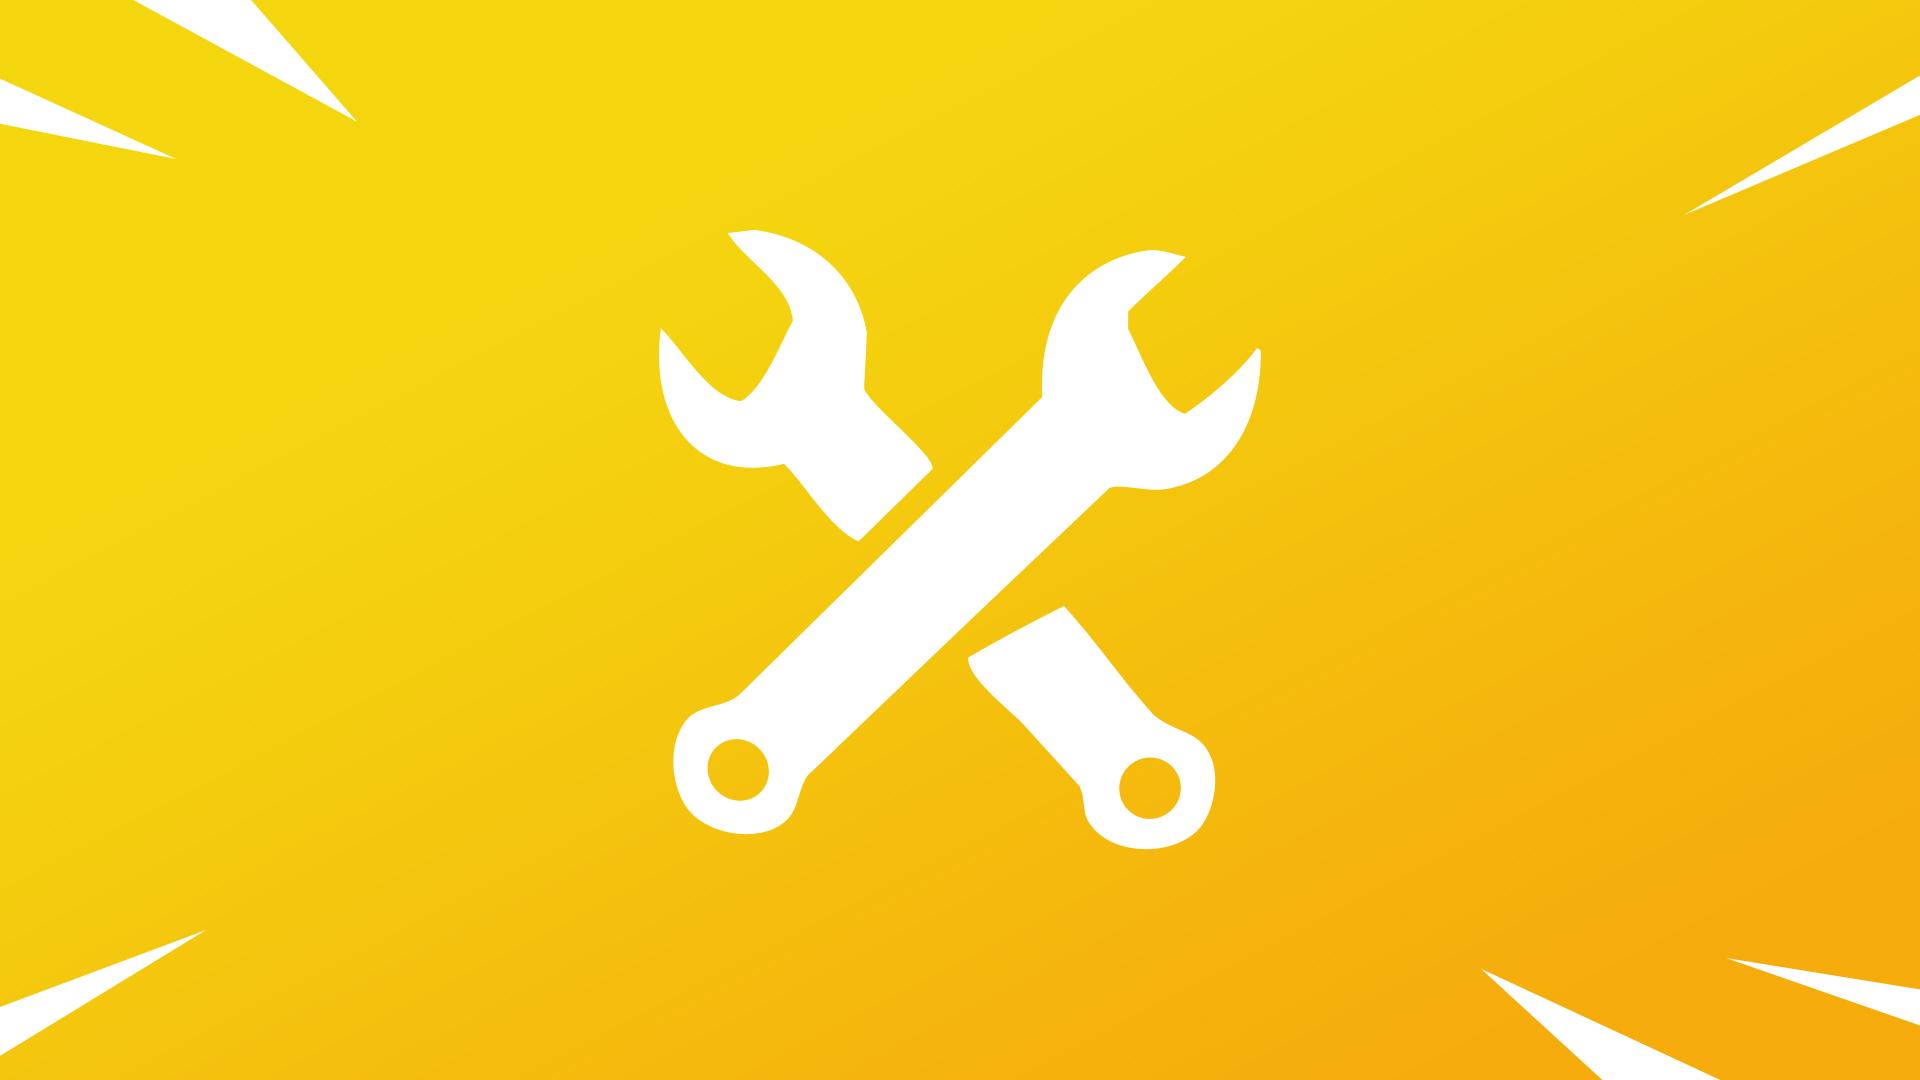 La miantenance en cours a permis de mettre la main sur de nombreux skins sur Fortnite